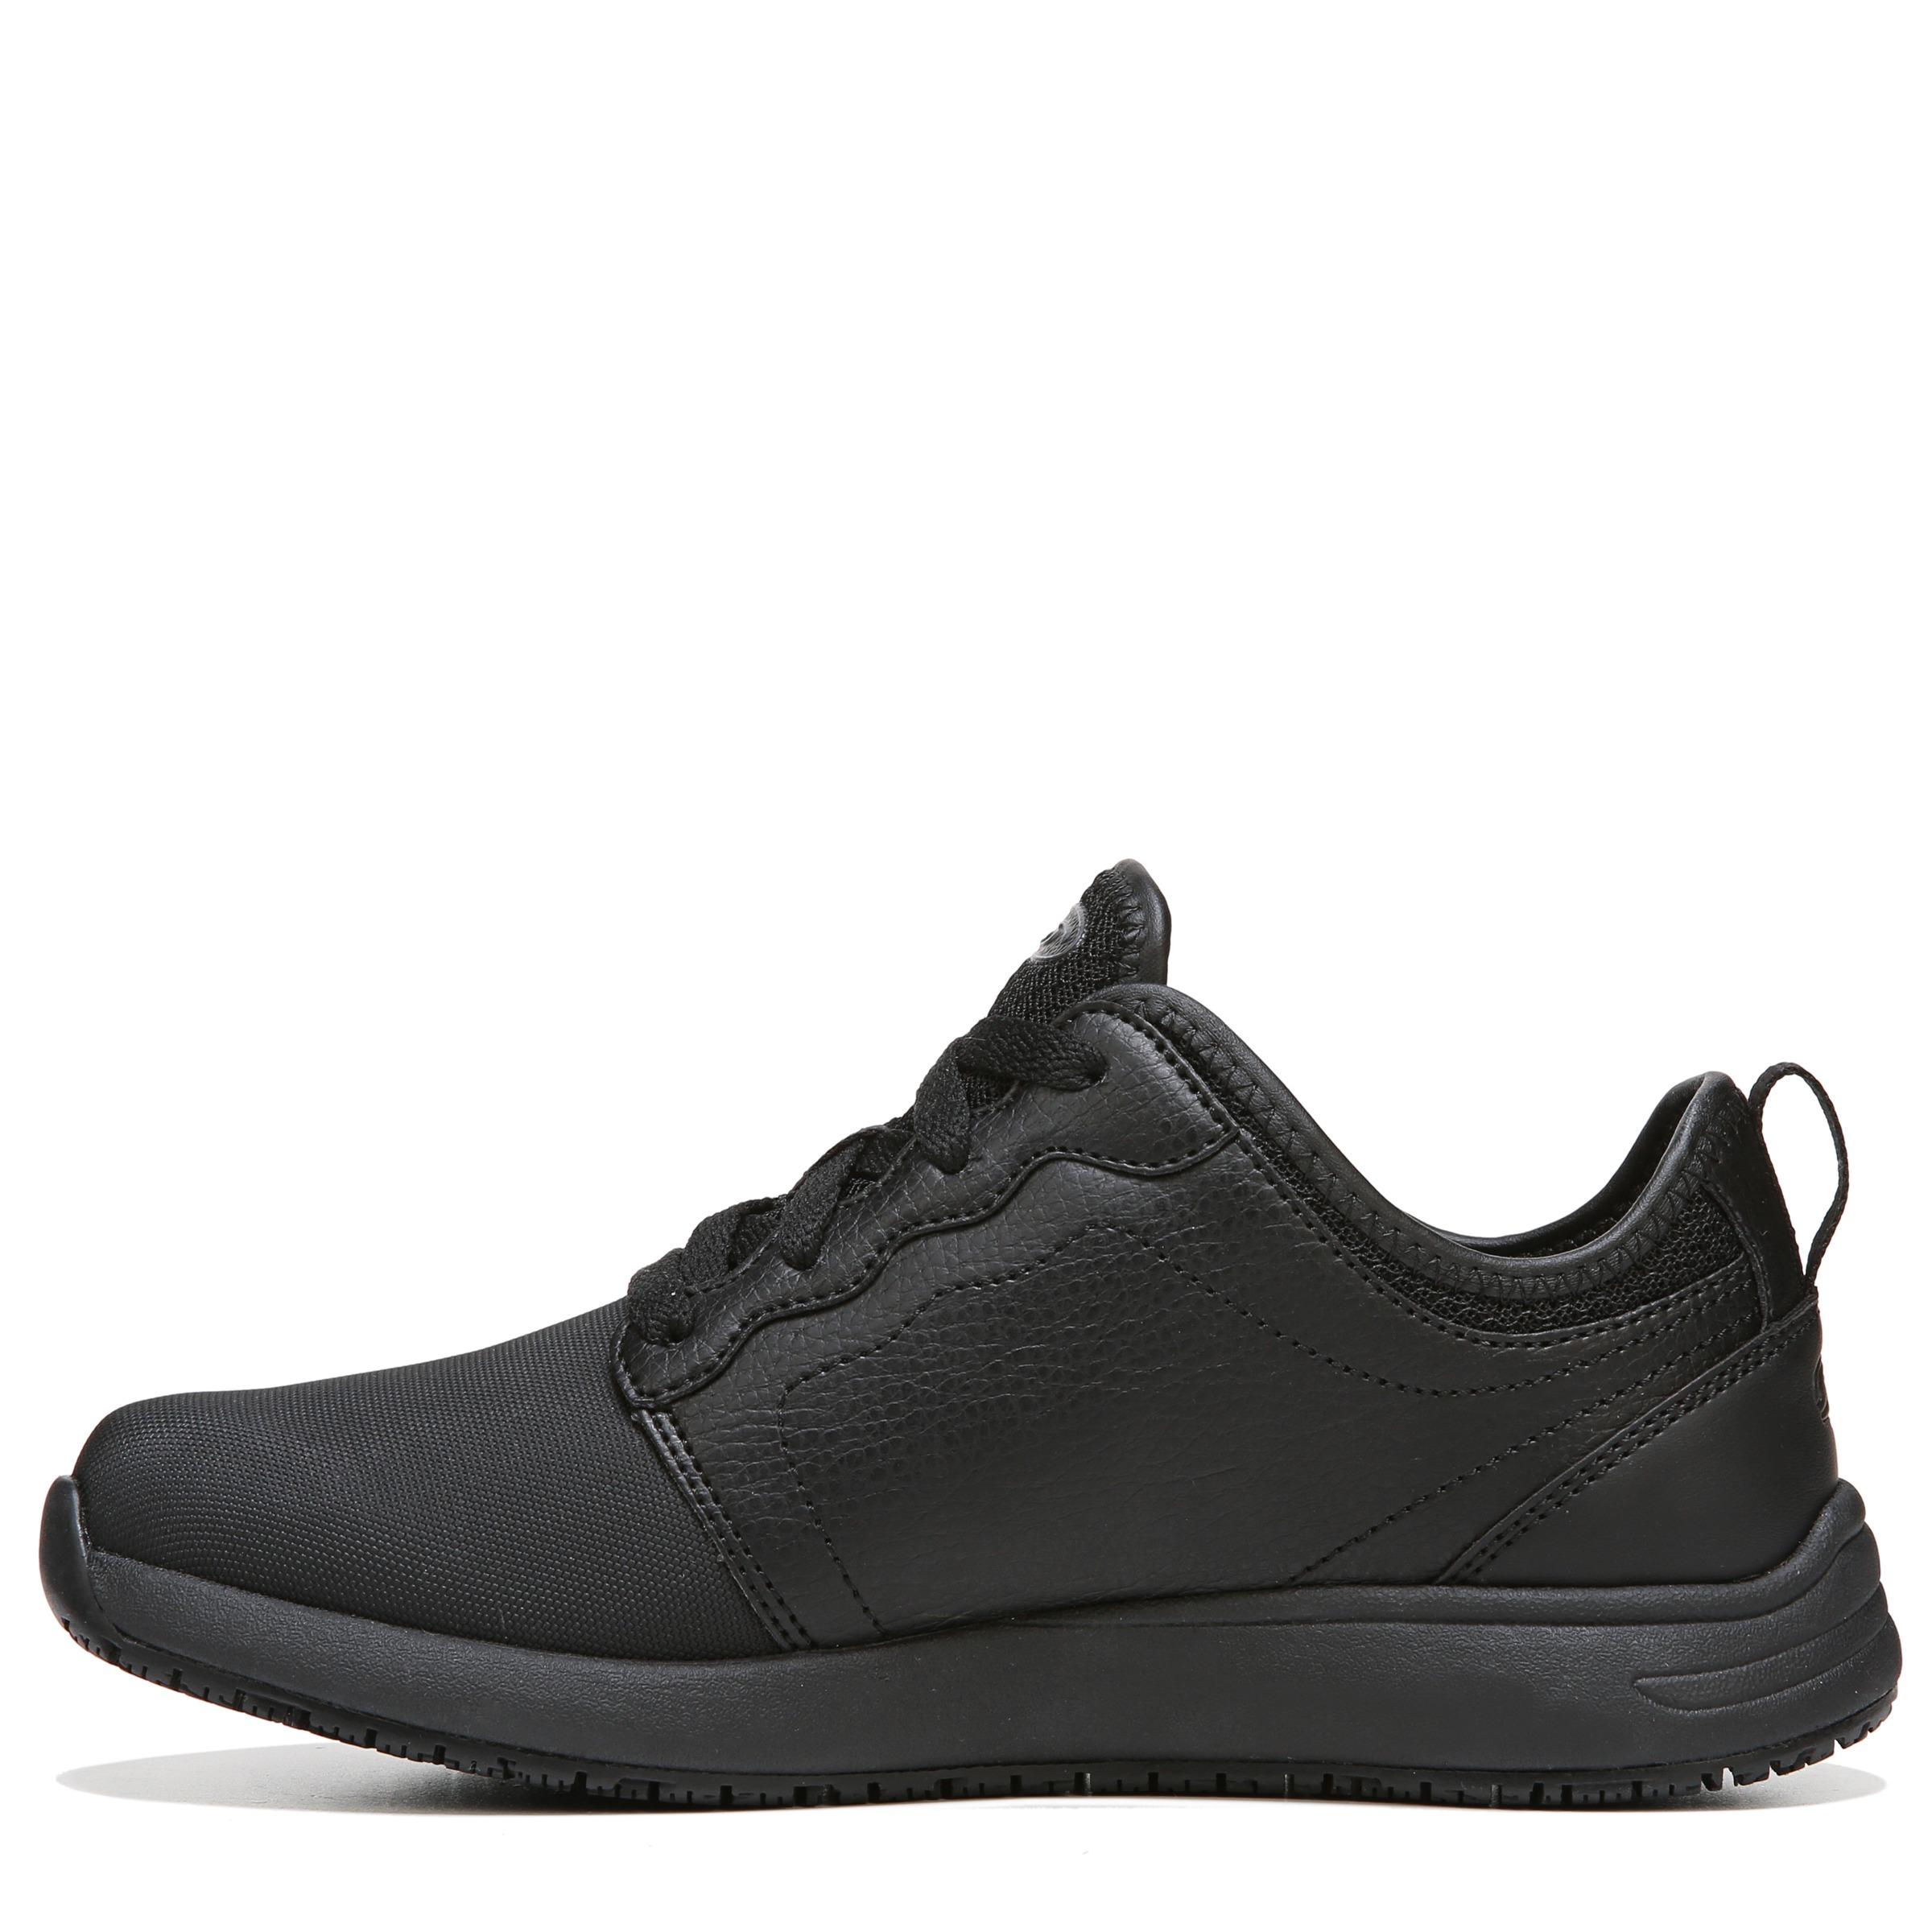 31471cccaeb Dr. Scholl s Drive Women s Slip Resistant Black Athletic Work Shoe ...